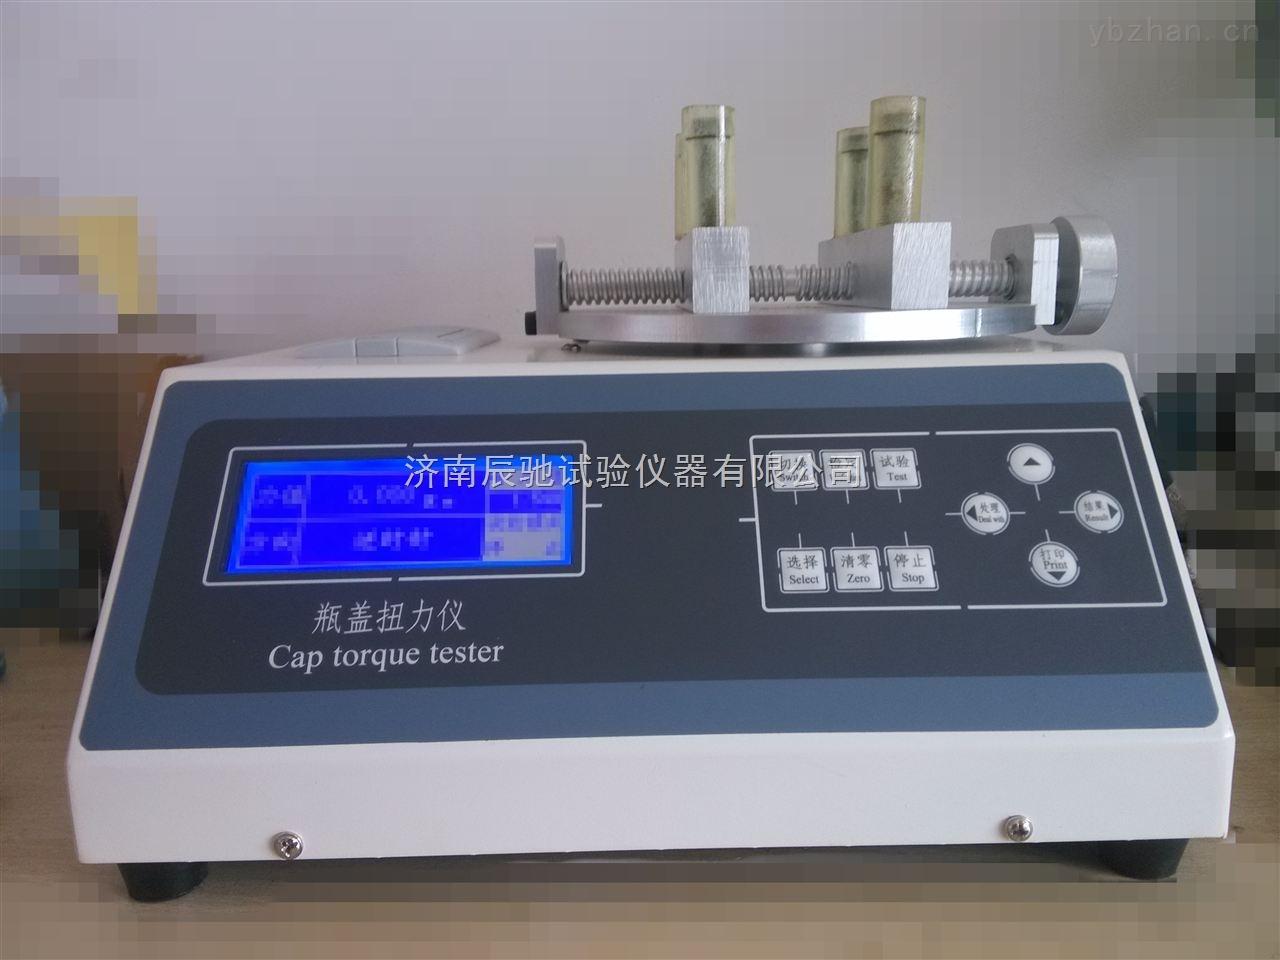 防盗瓶盖开启力测定仪/塑料瓶盖扭力检测仪